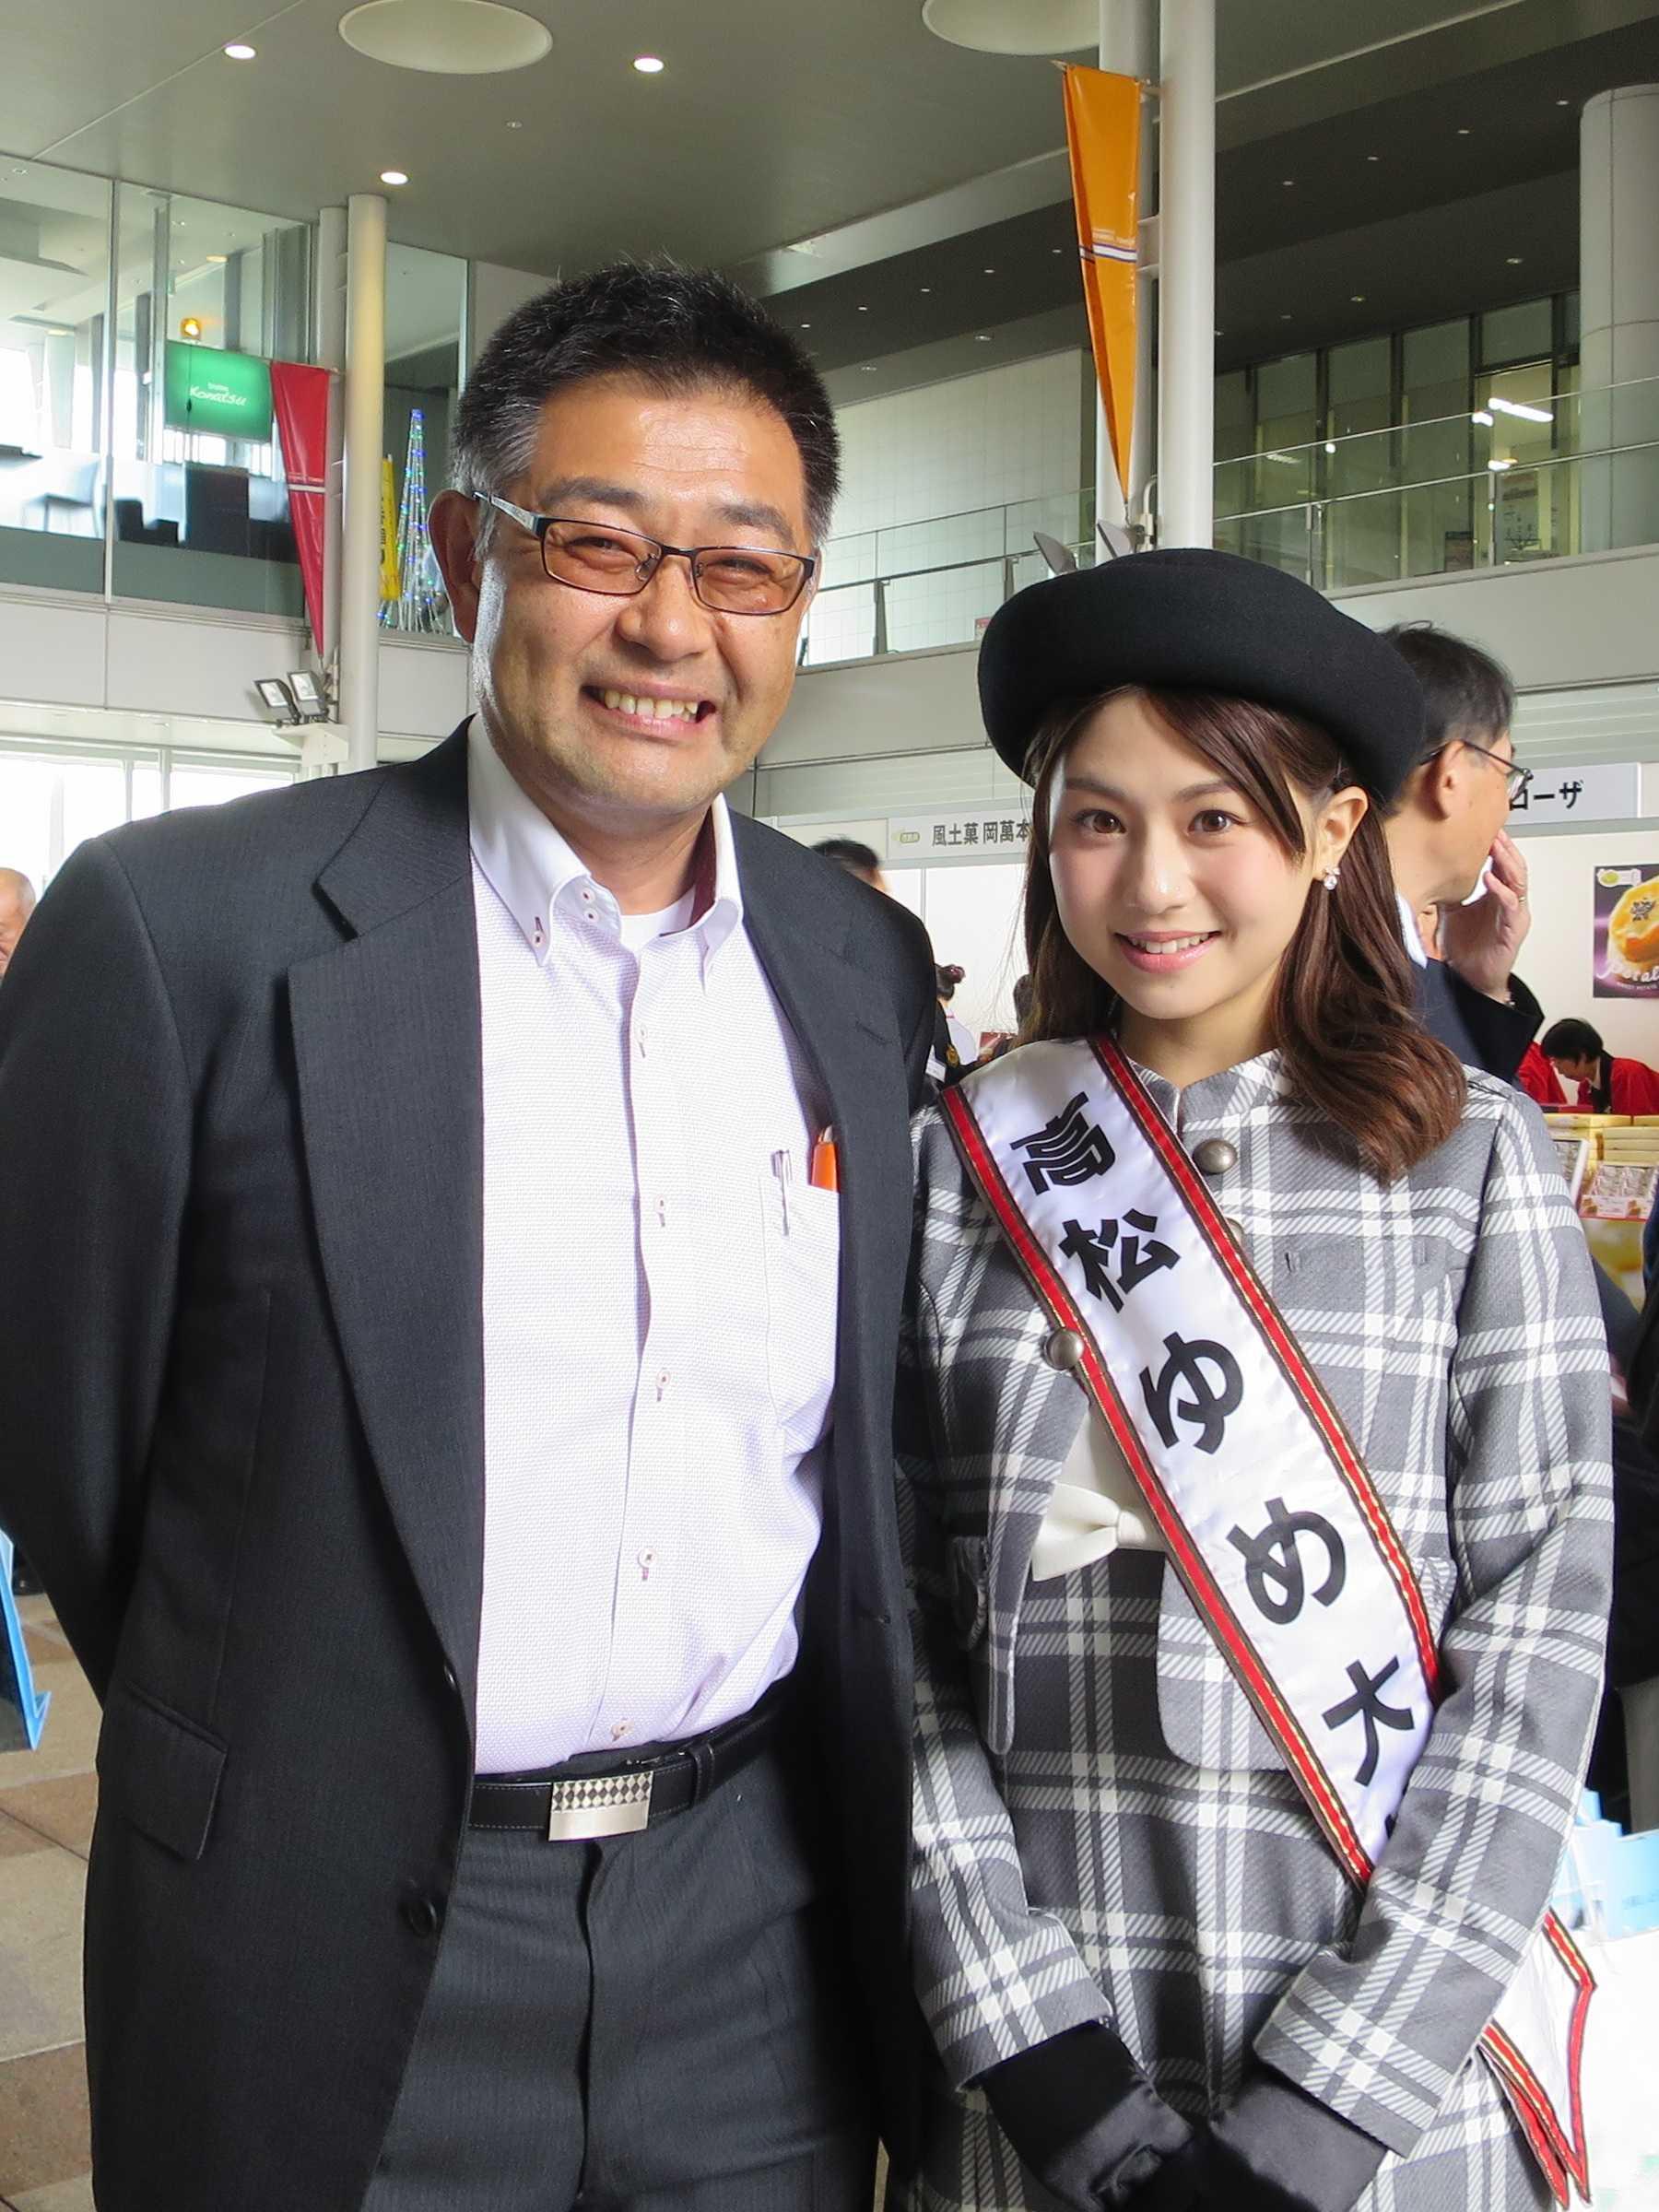 「高松ゆめ大使」の写真